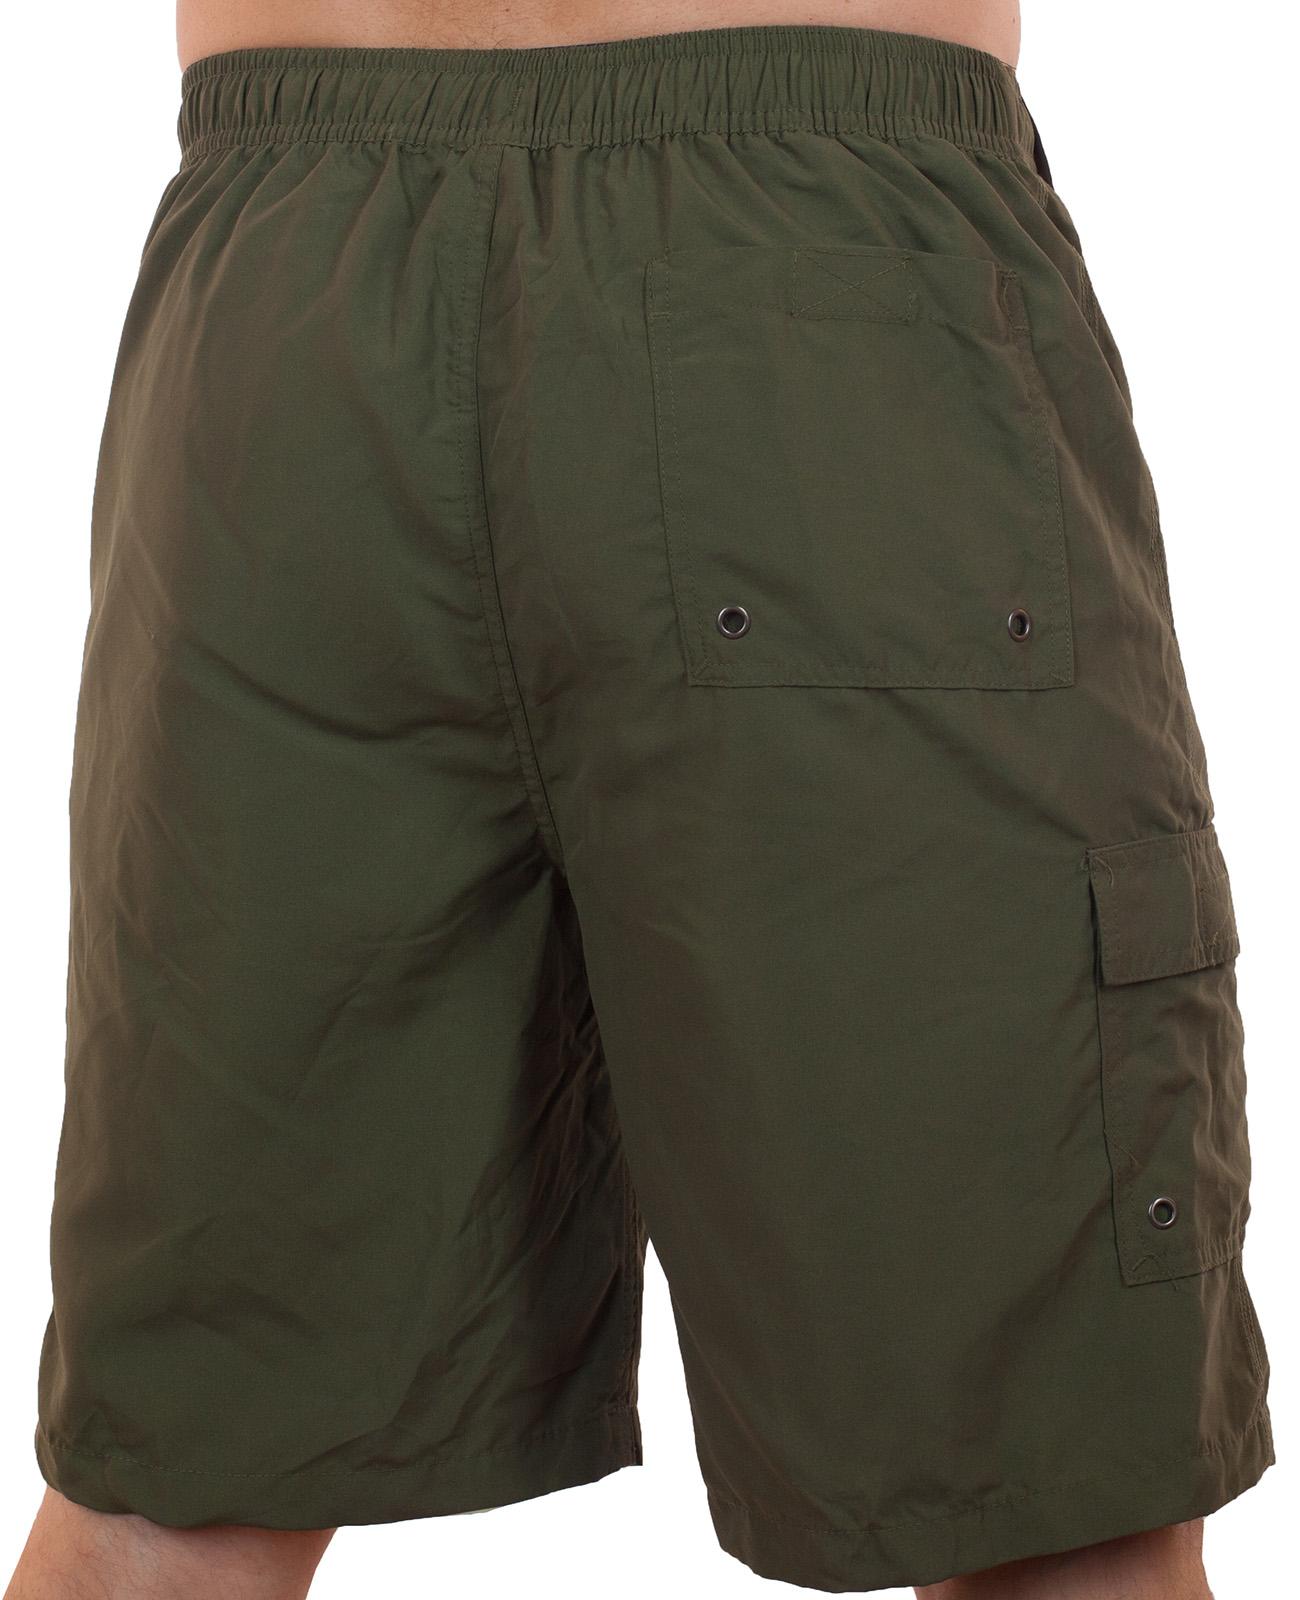 Мужские шорты хаки от Merona™ по выгодной цене